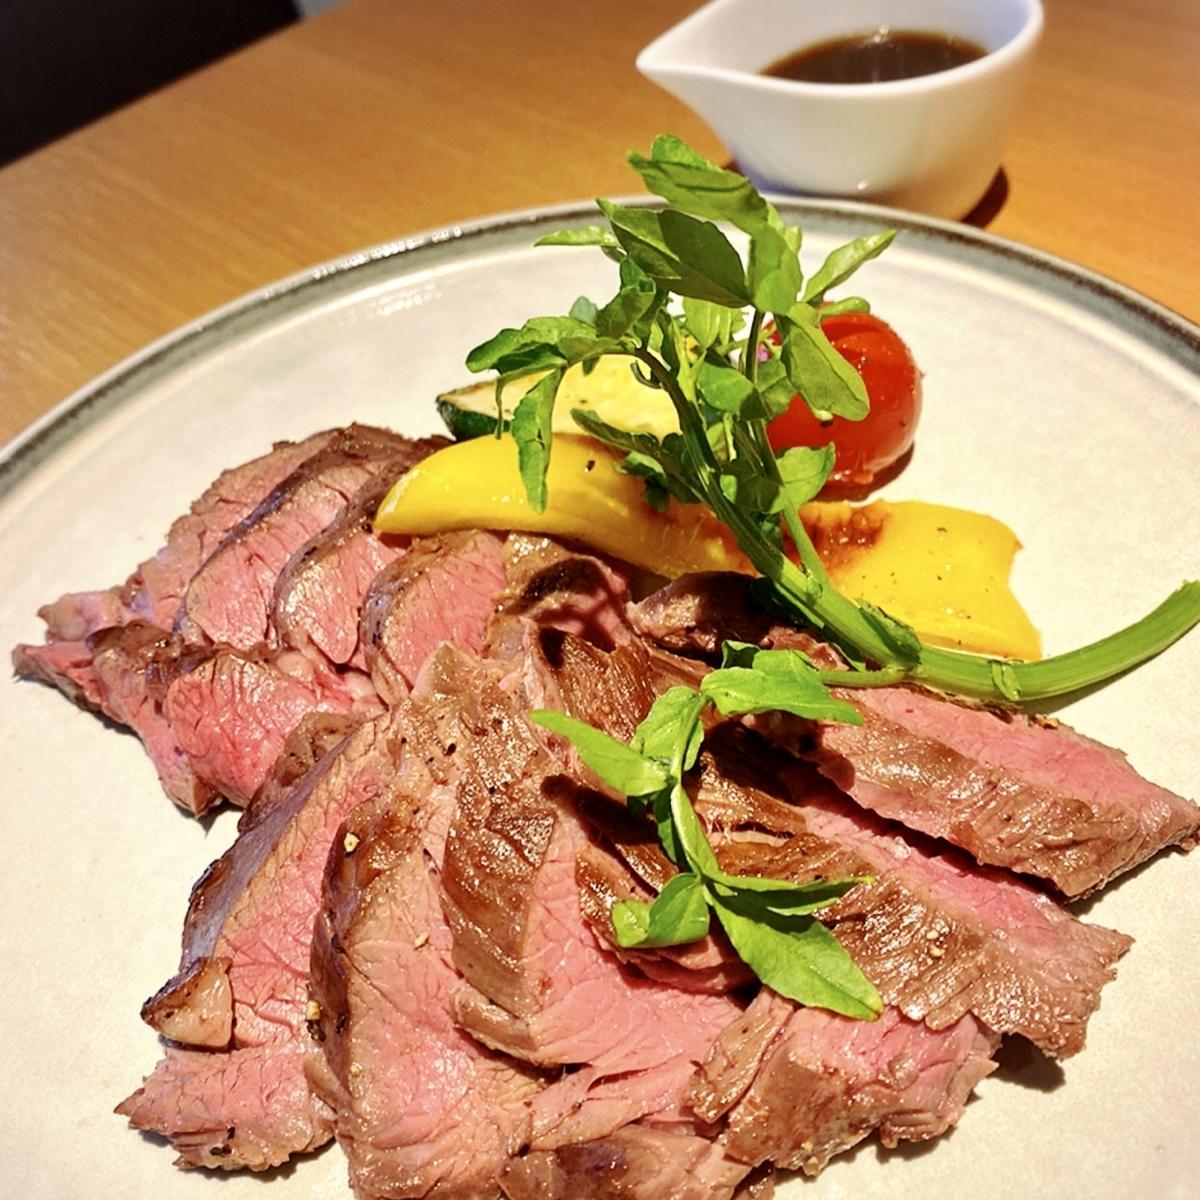 美味しい馬肉料理と日本酒が堪能できるお店「HARETOKE(ハレトケ)」